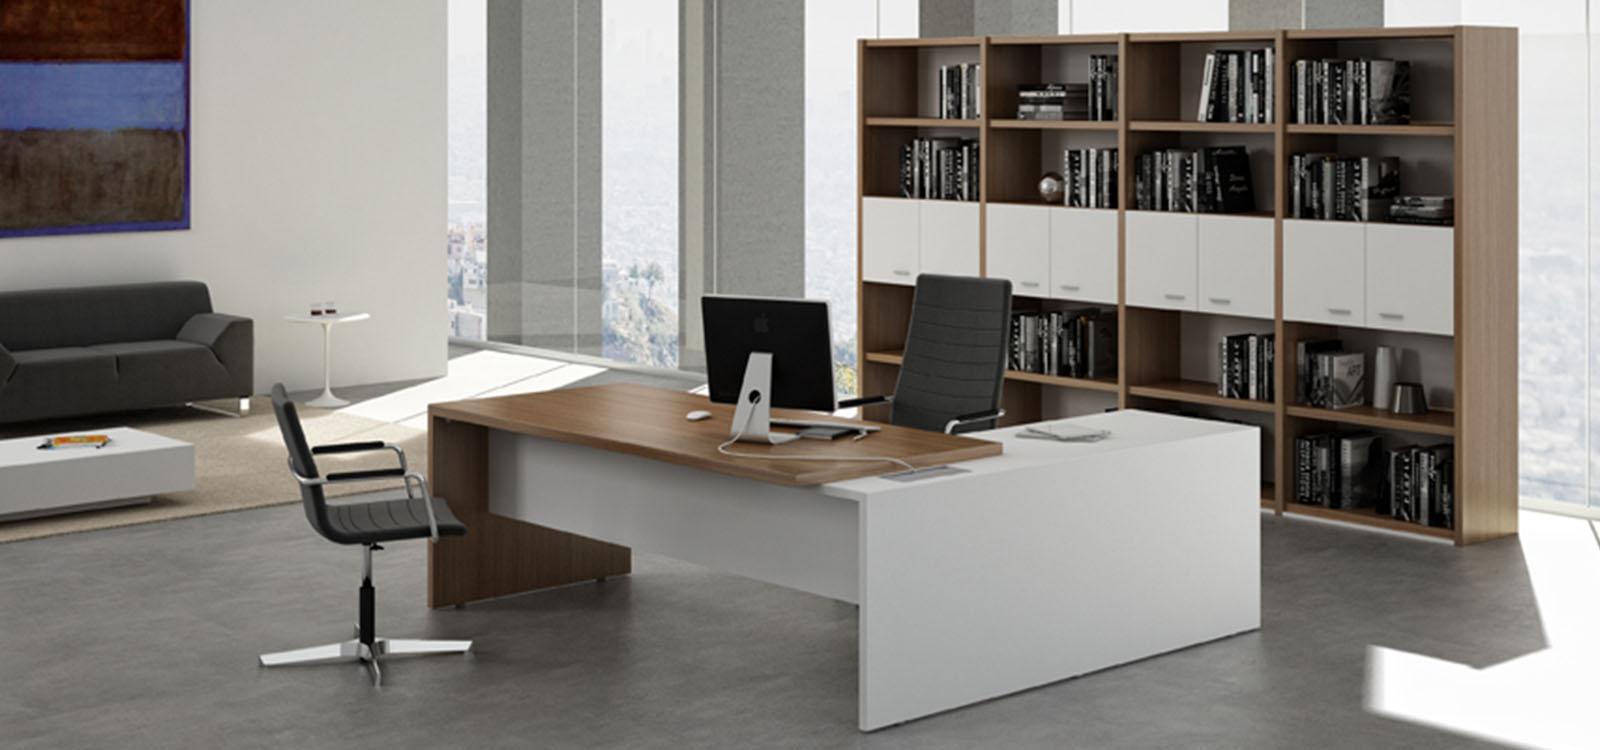 Soluzioni d'arredamento per uffici a Treviso - Studio 25